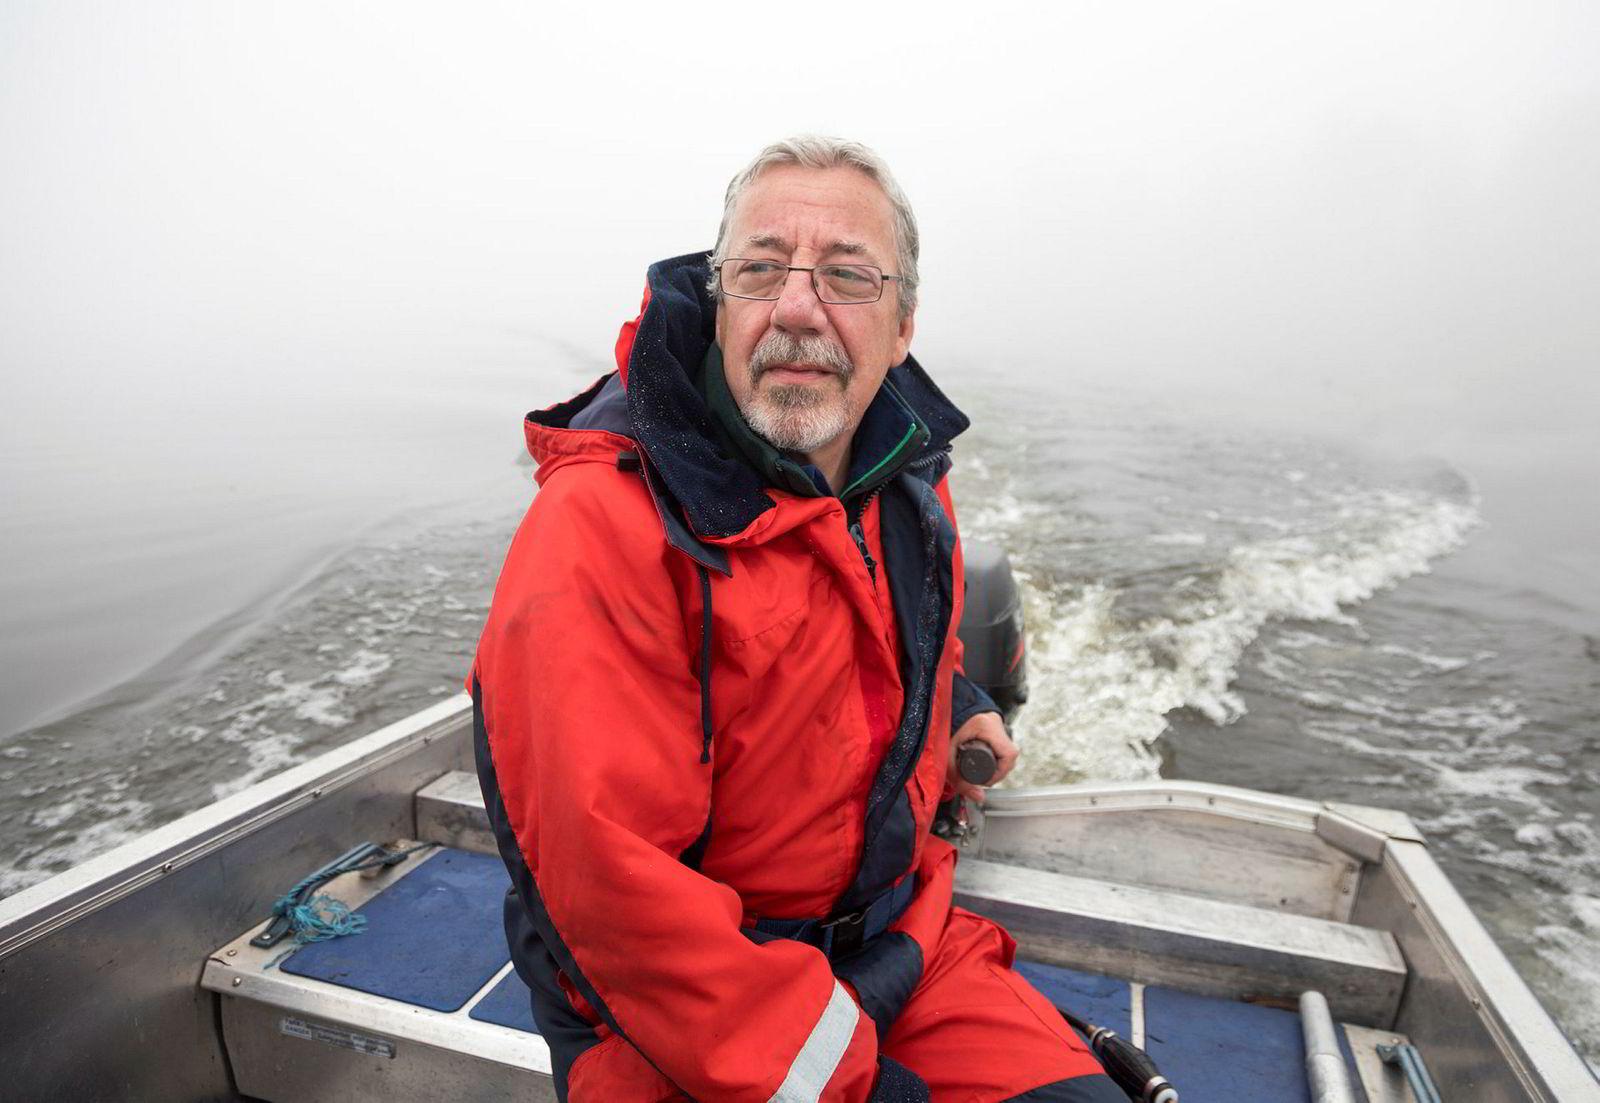 Trener Ernie Clark kommer opprinnelig fra Aberdeen i Skottland. For å henge med gutta under deres treningsøkt manøvrer han en liten aluminiumsbåt med påhengsmotor rundt på Bogstadvannet.